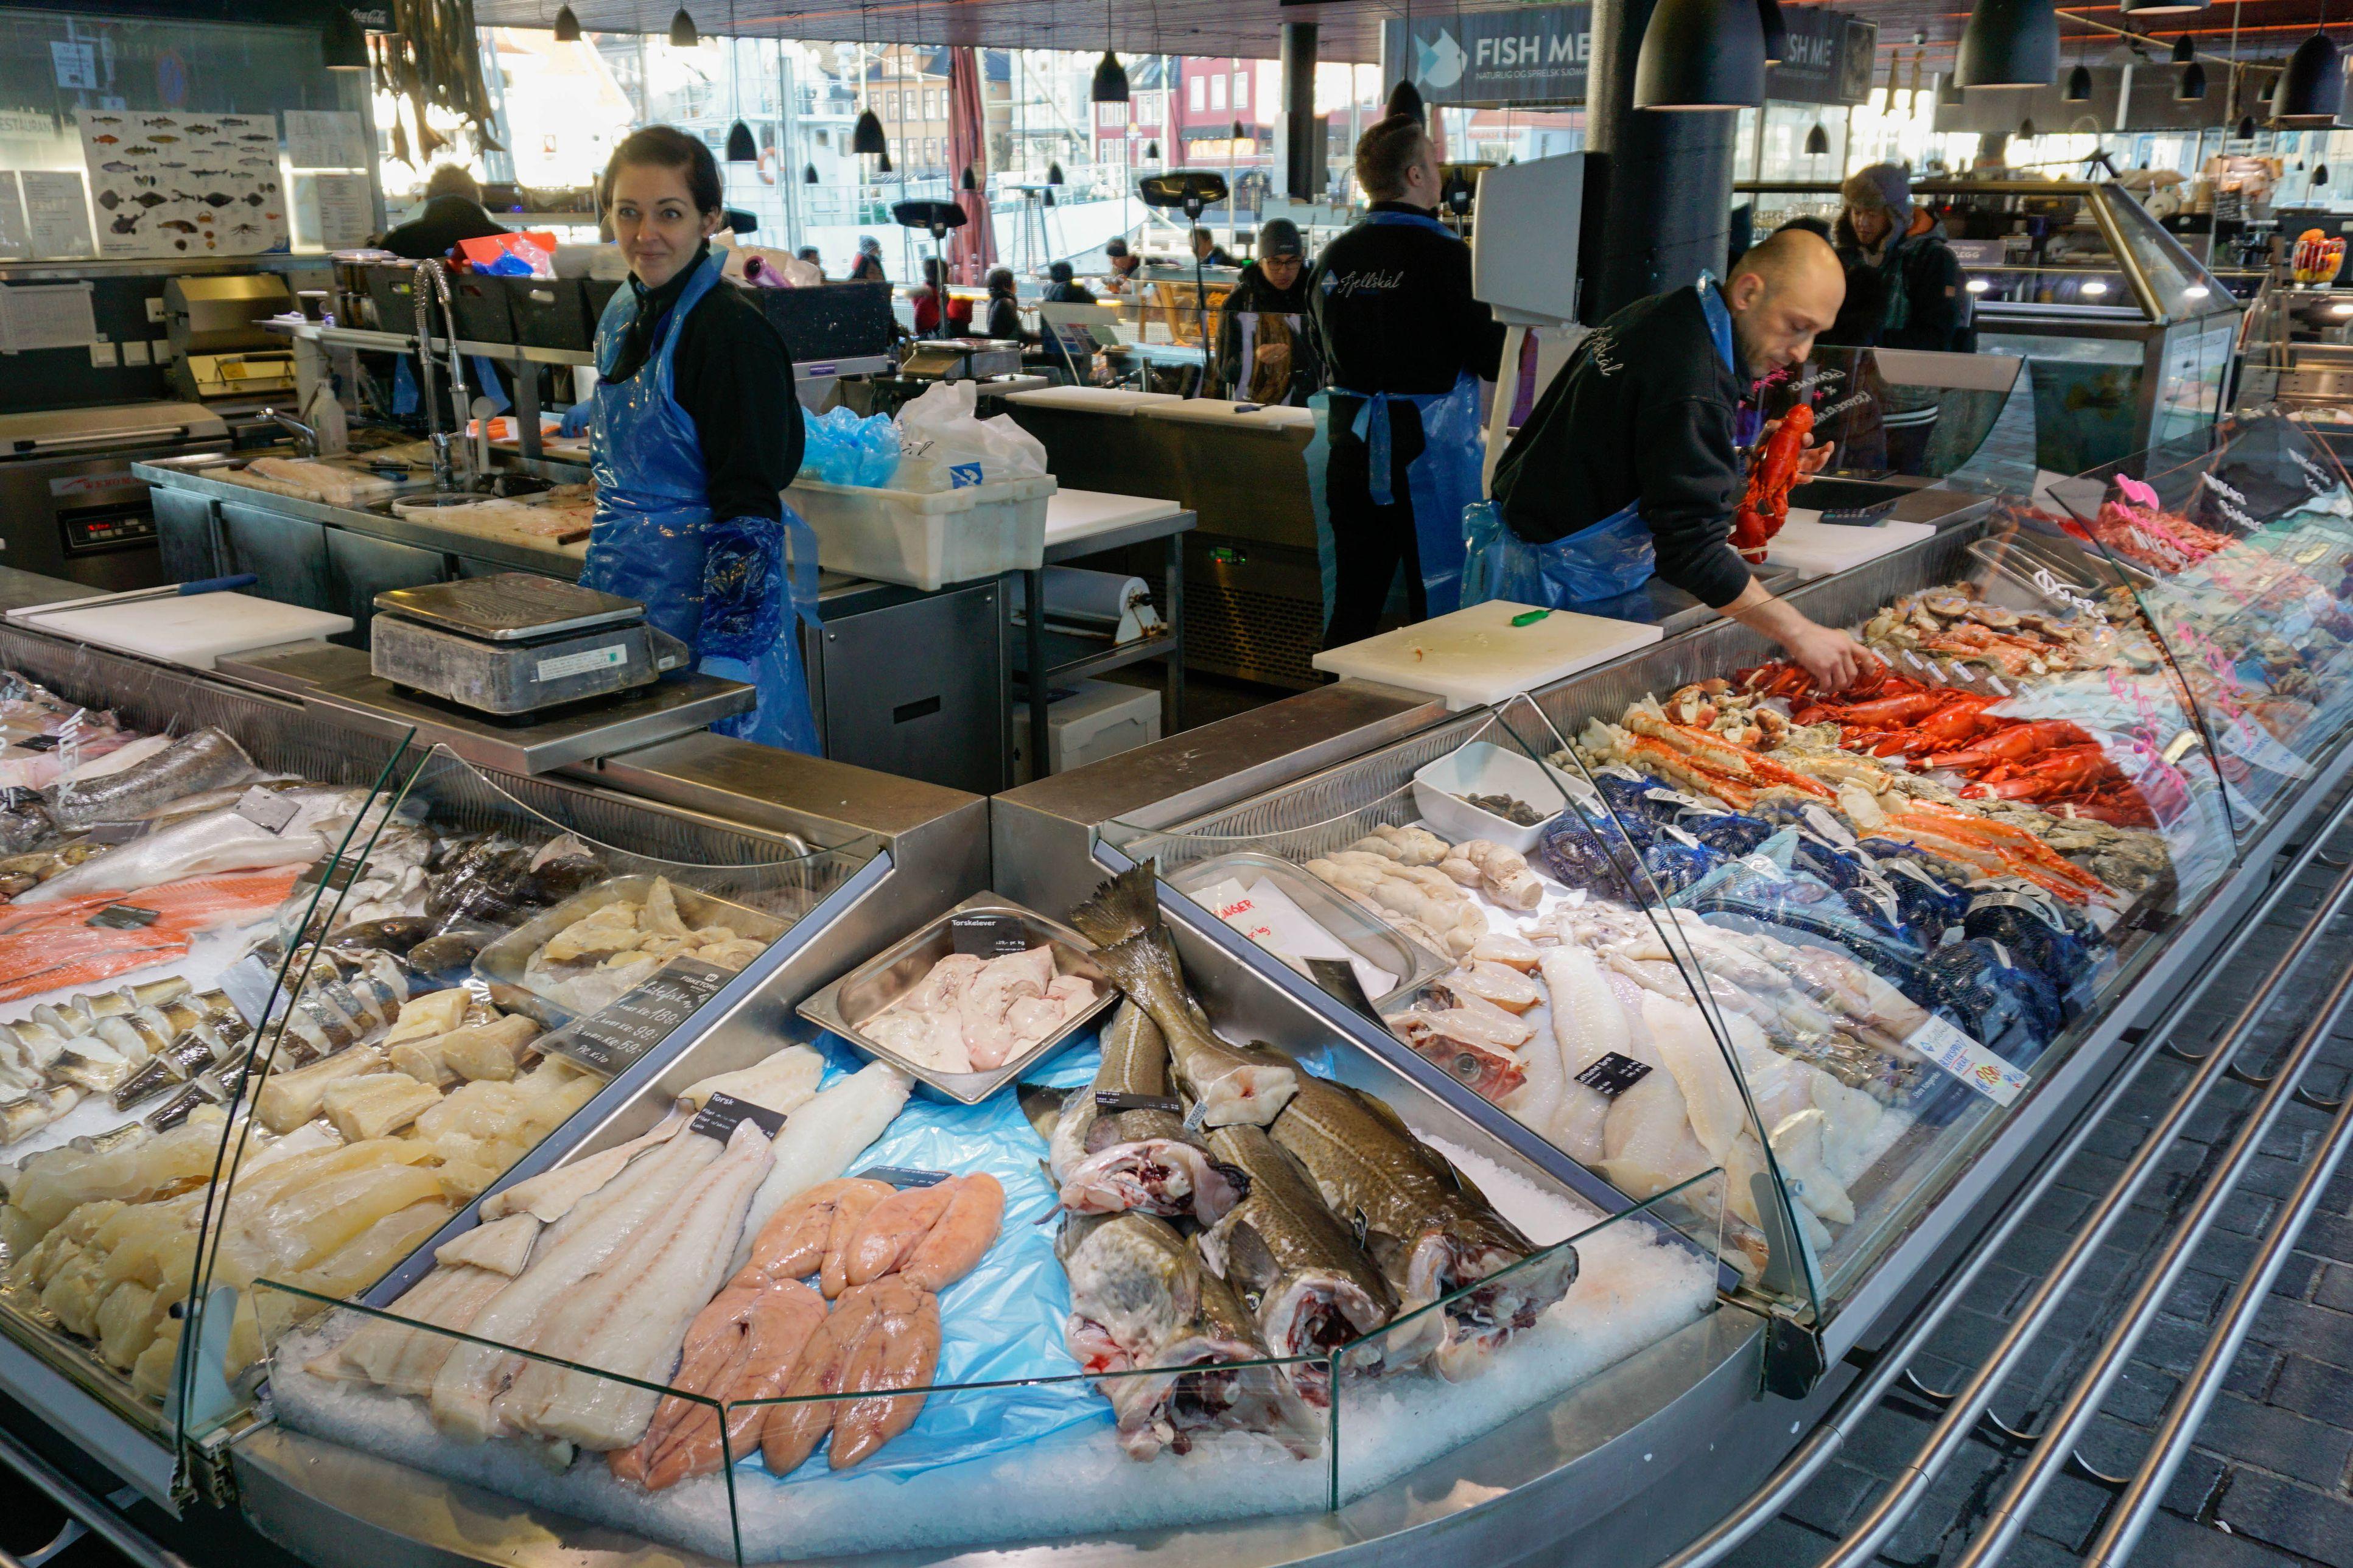 Mercado de pescado, Bergen, Hordaland, Noruega, Escandinavia, Europa